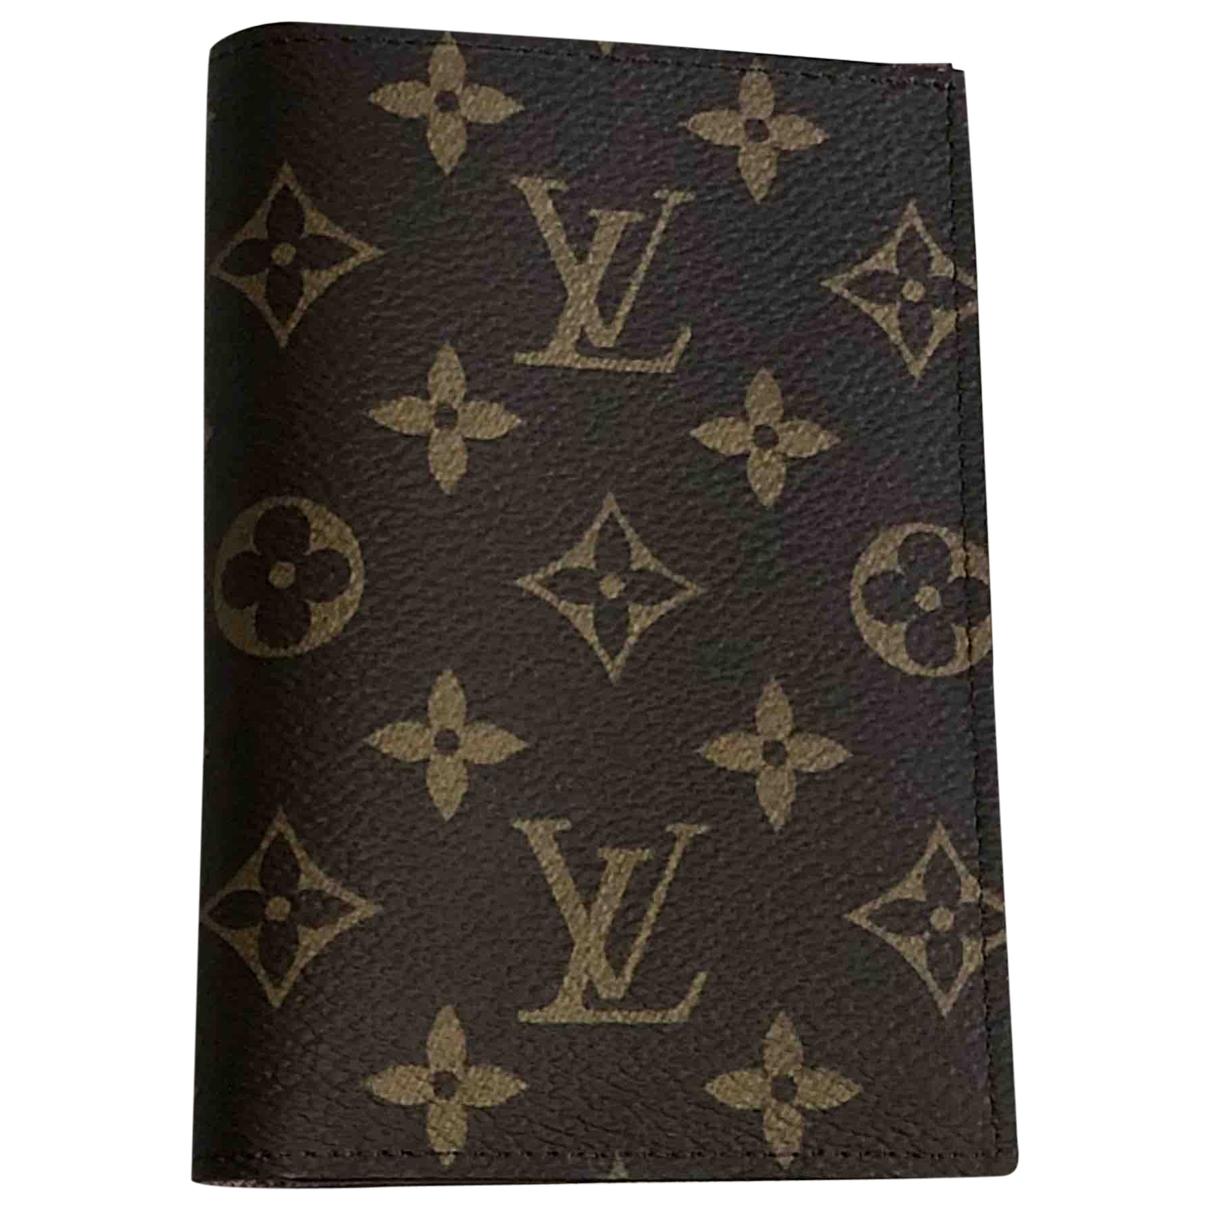 Louis Vuitton - Petite maroquinerie Couverture Passeport pour femme en toile - marron